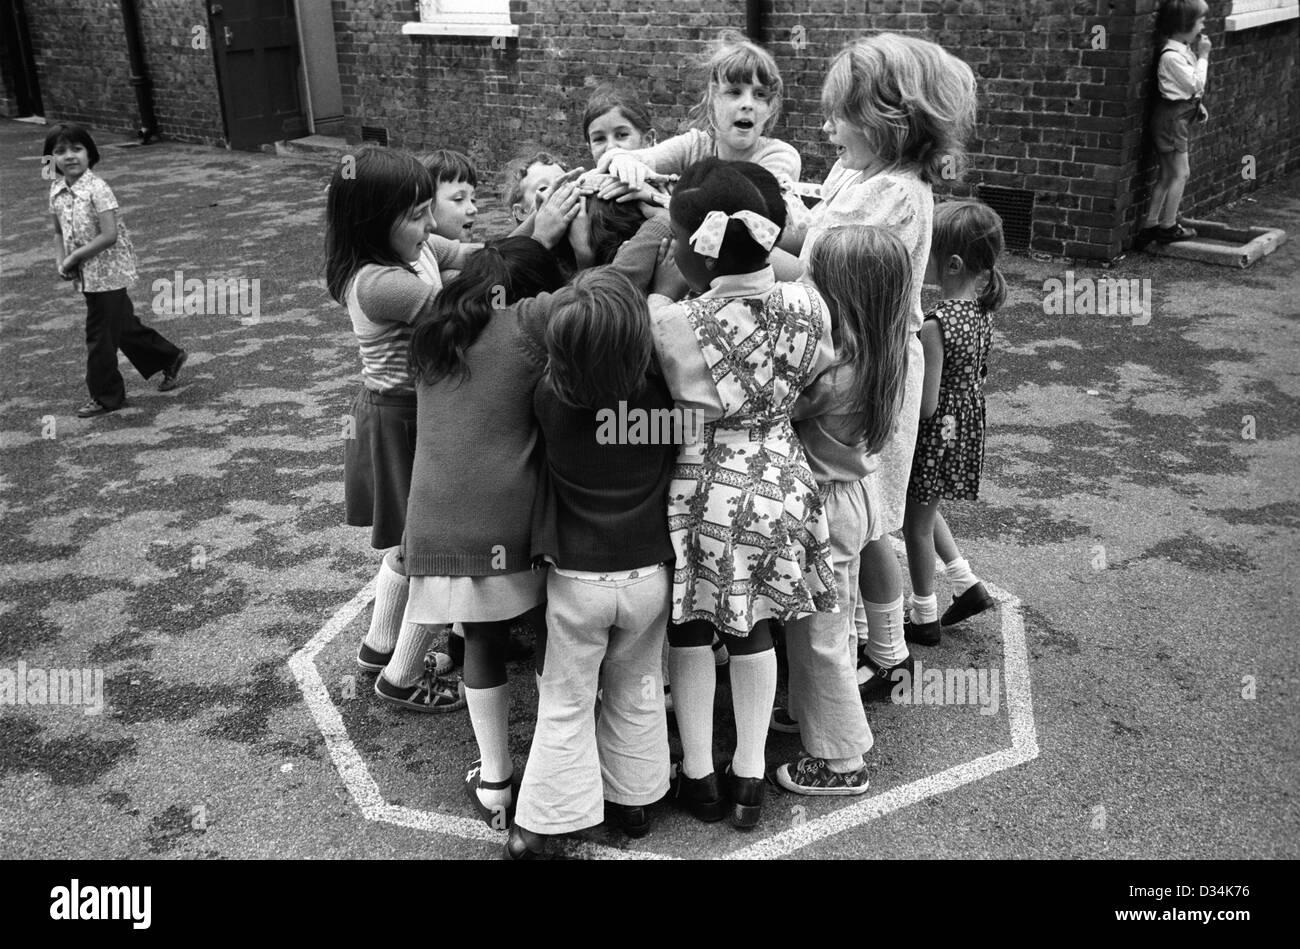 Les enfants de l'école des filles à l'aire de jeux. Années 1970 dans le sud de Londres. L'Angleterre. Photo Stock